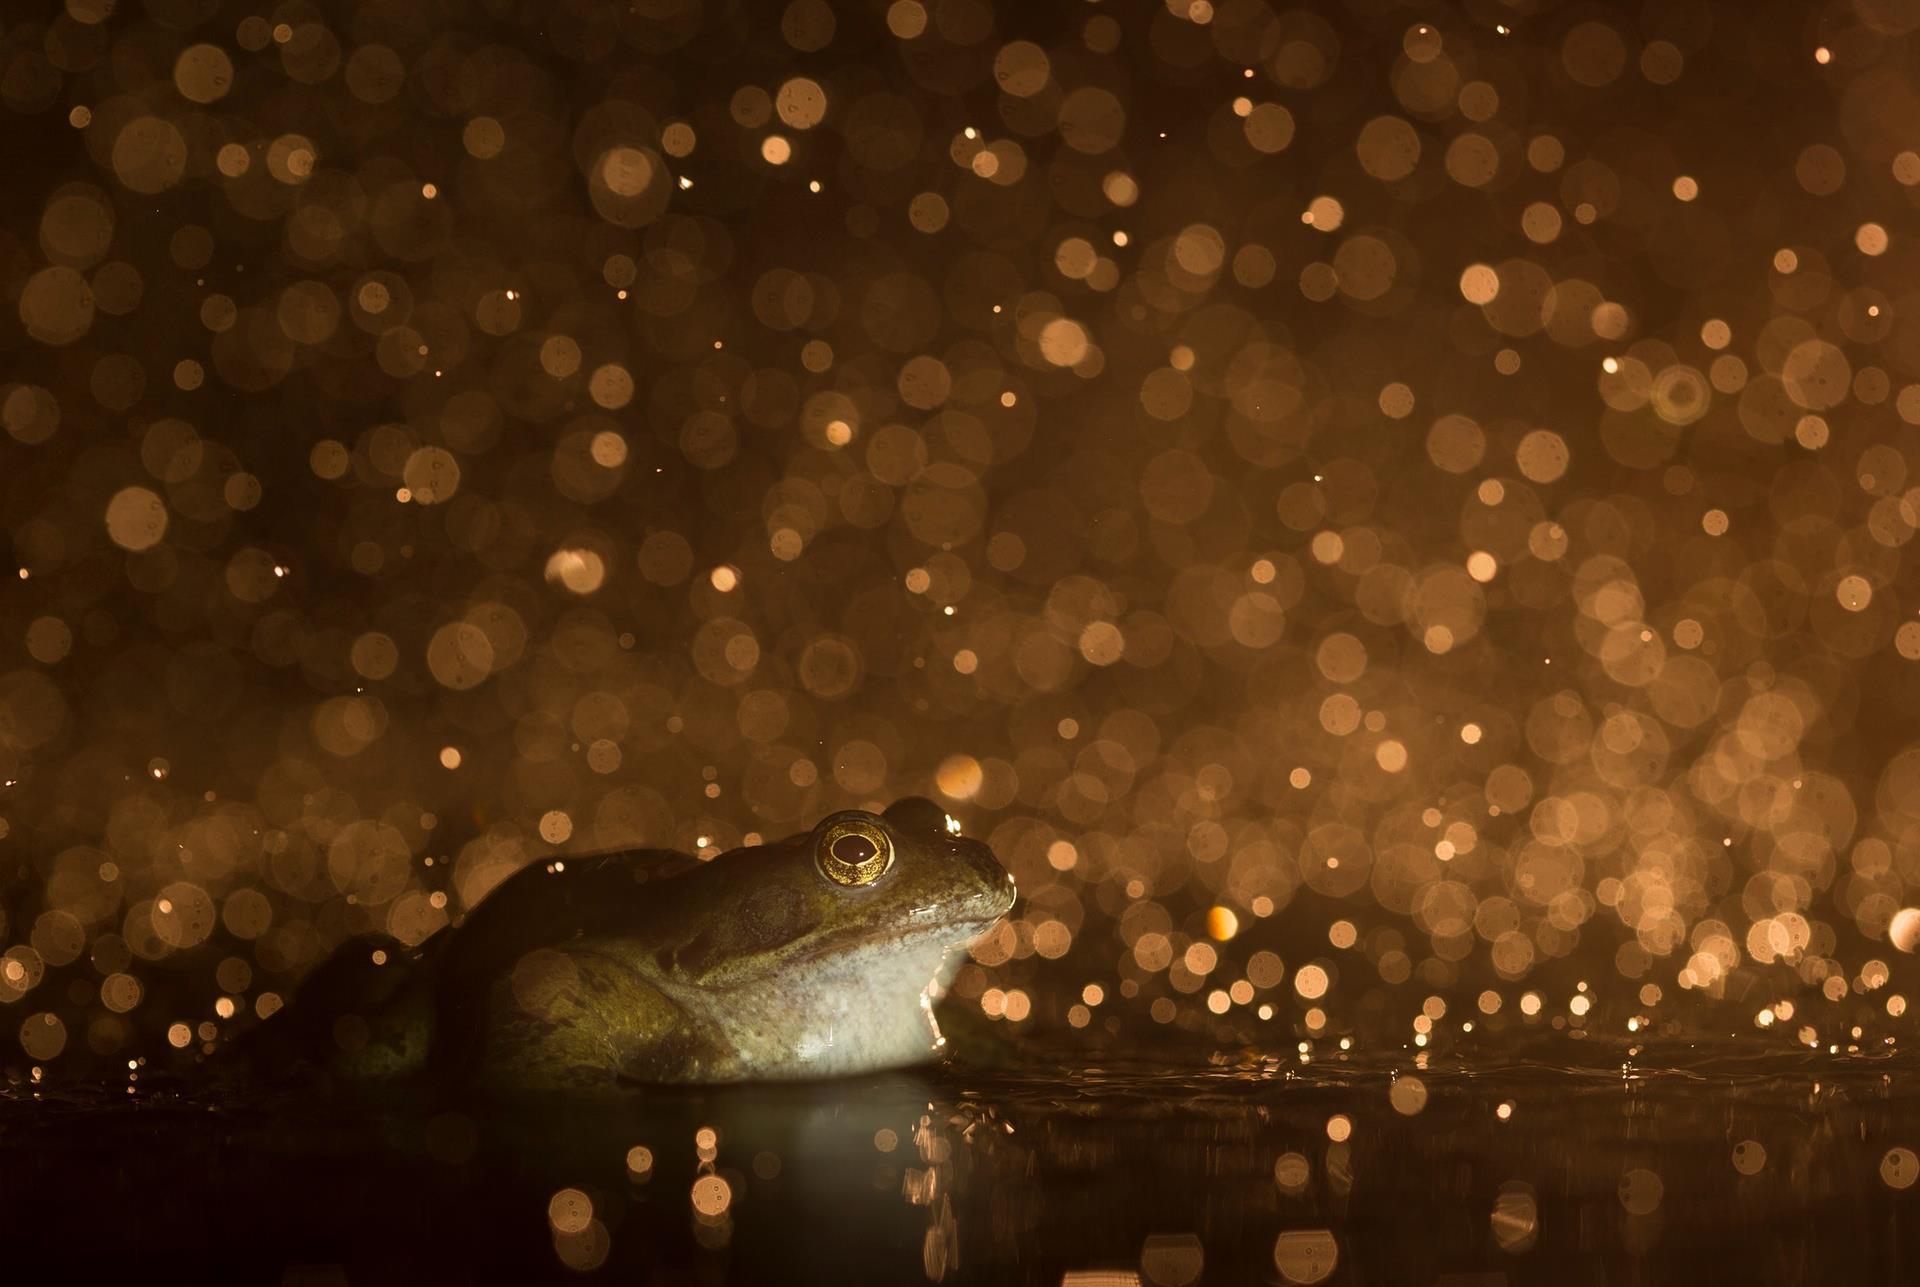 """""""Sapo"""", por Kyle Moore, 16 anos - vencedor na categoria de 12 a 18 anos. Fotografia realizada em Suffolk, Inglaterra"""